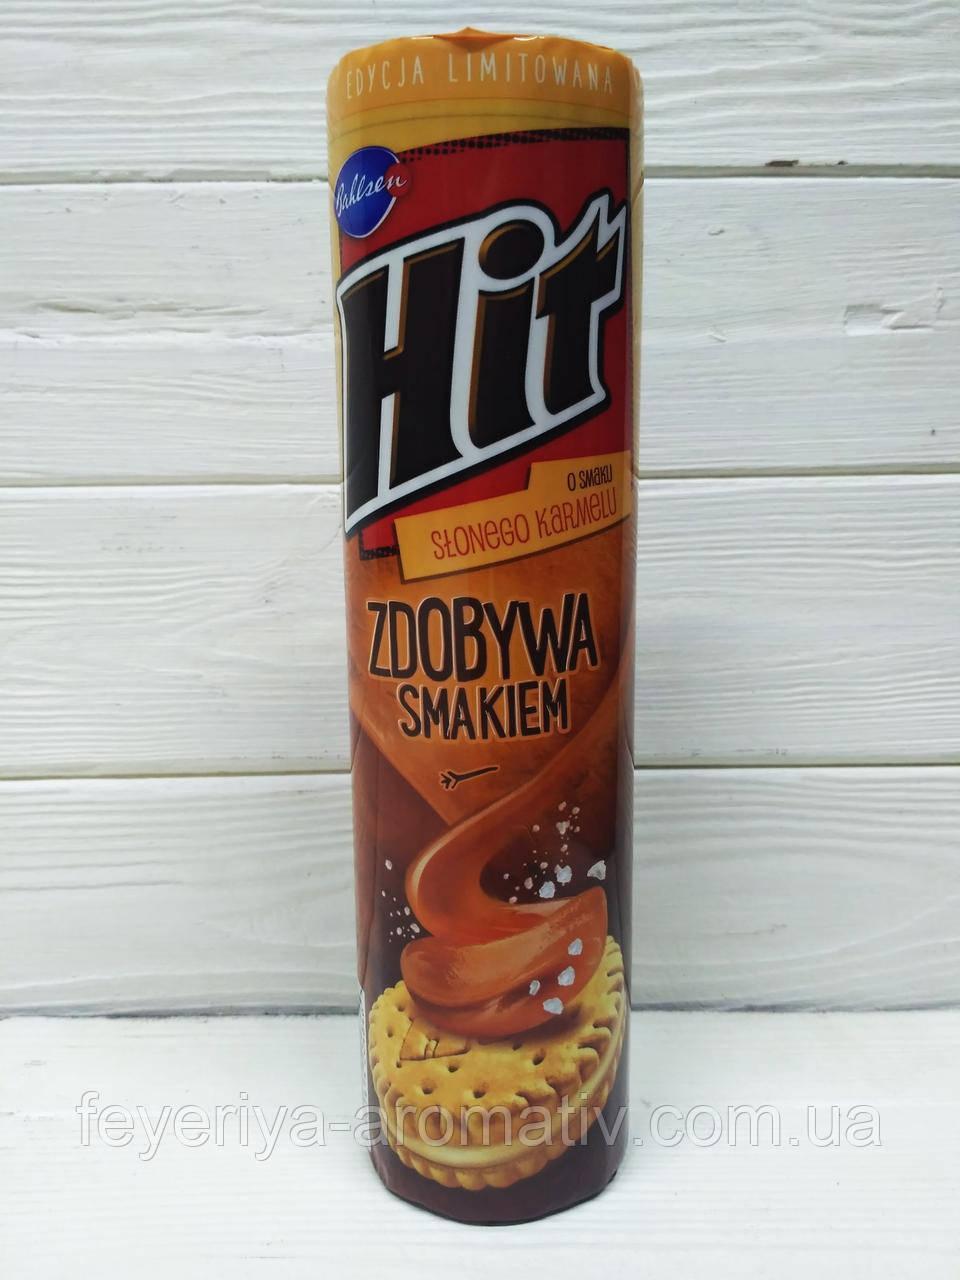 Печенье HIT 220гр. (Польша) карамель с солью